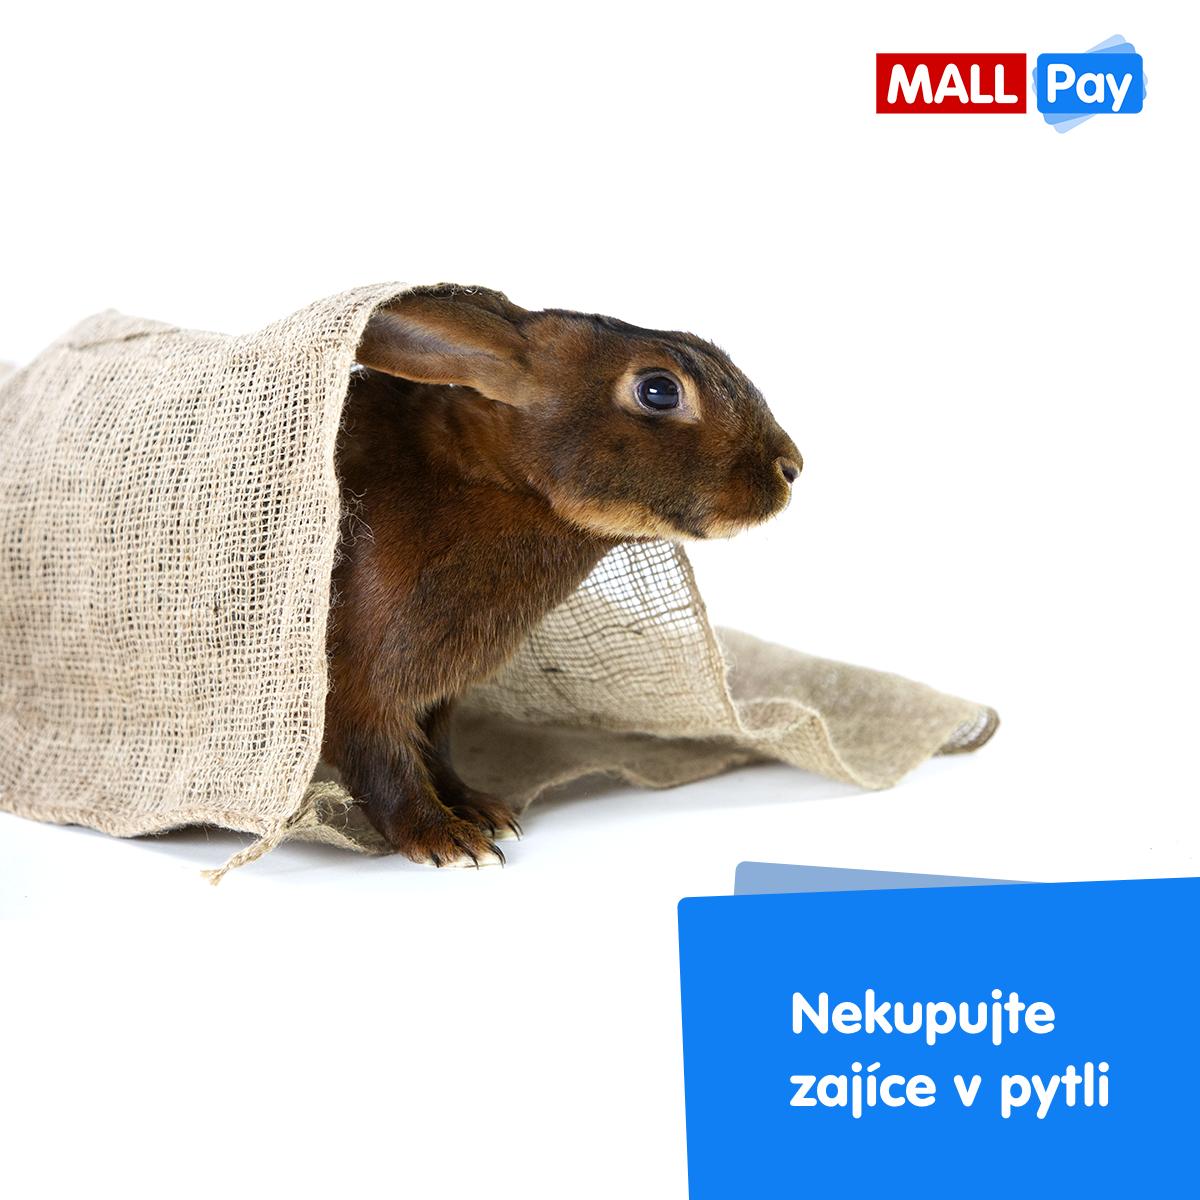 Nová komunikační linka produktu Mall Pay